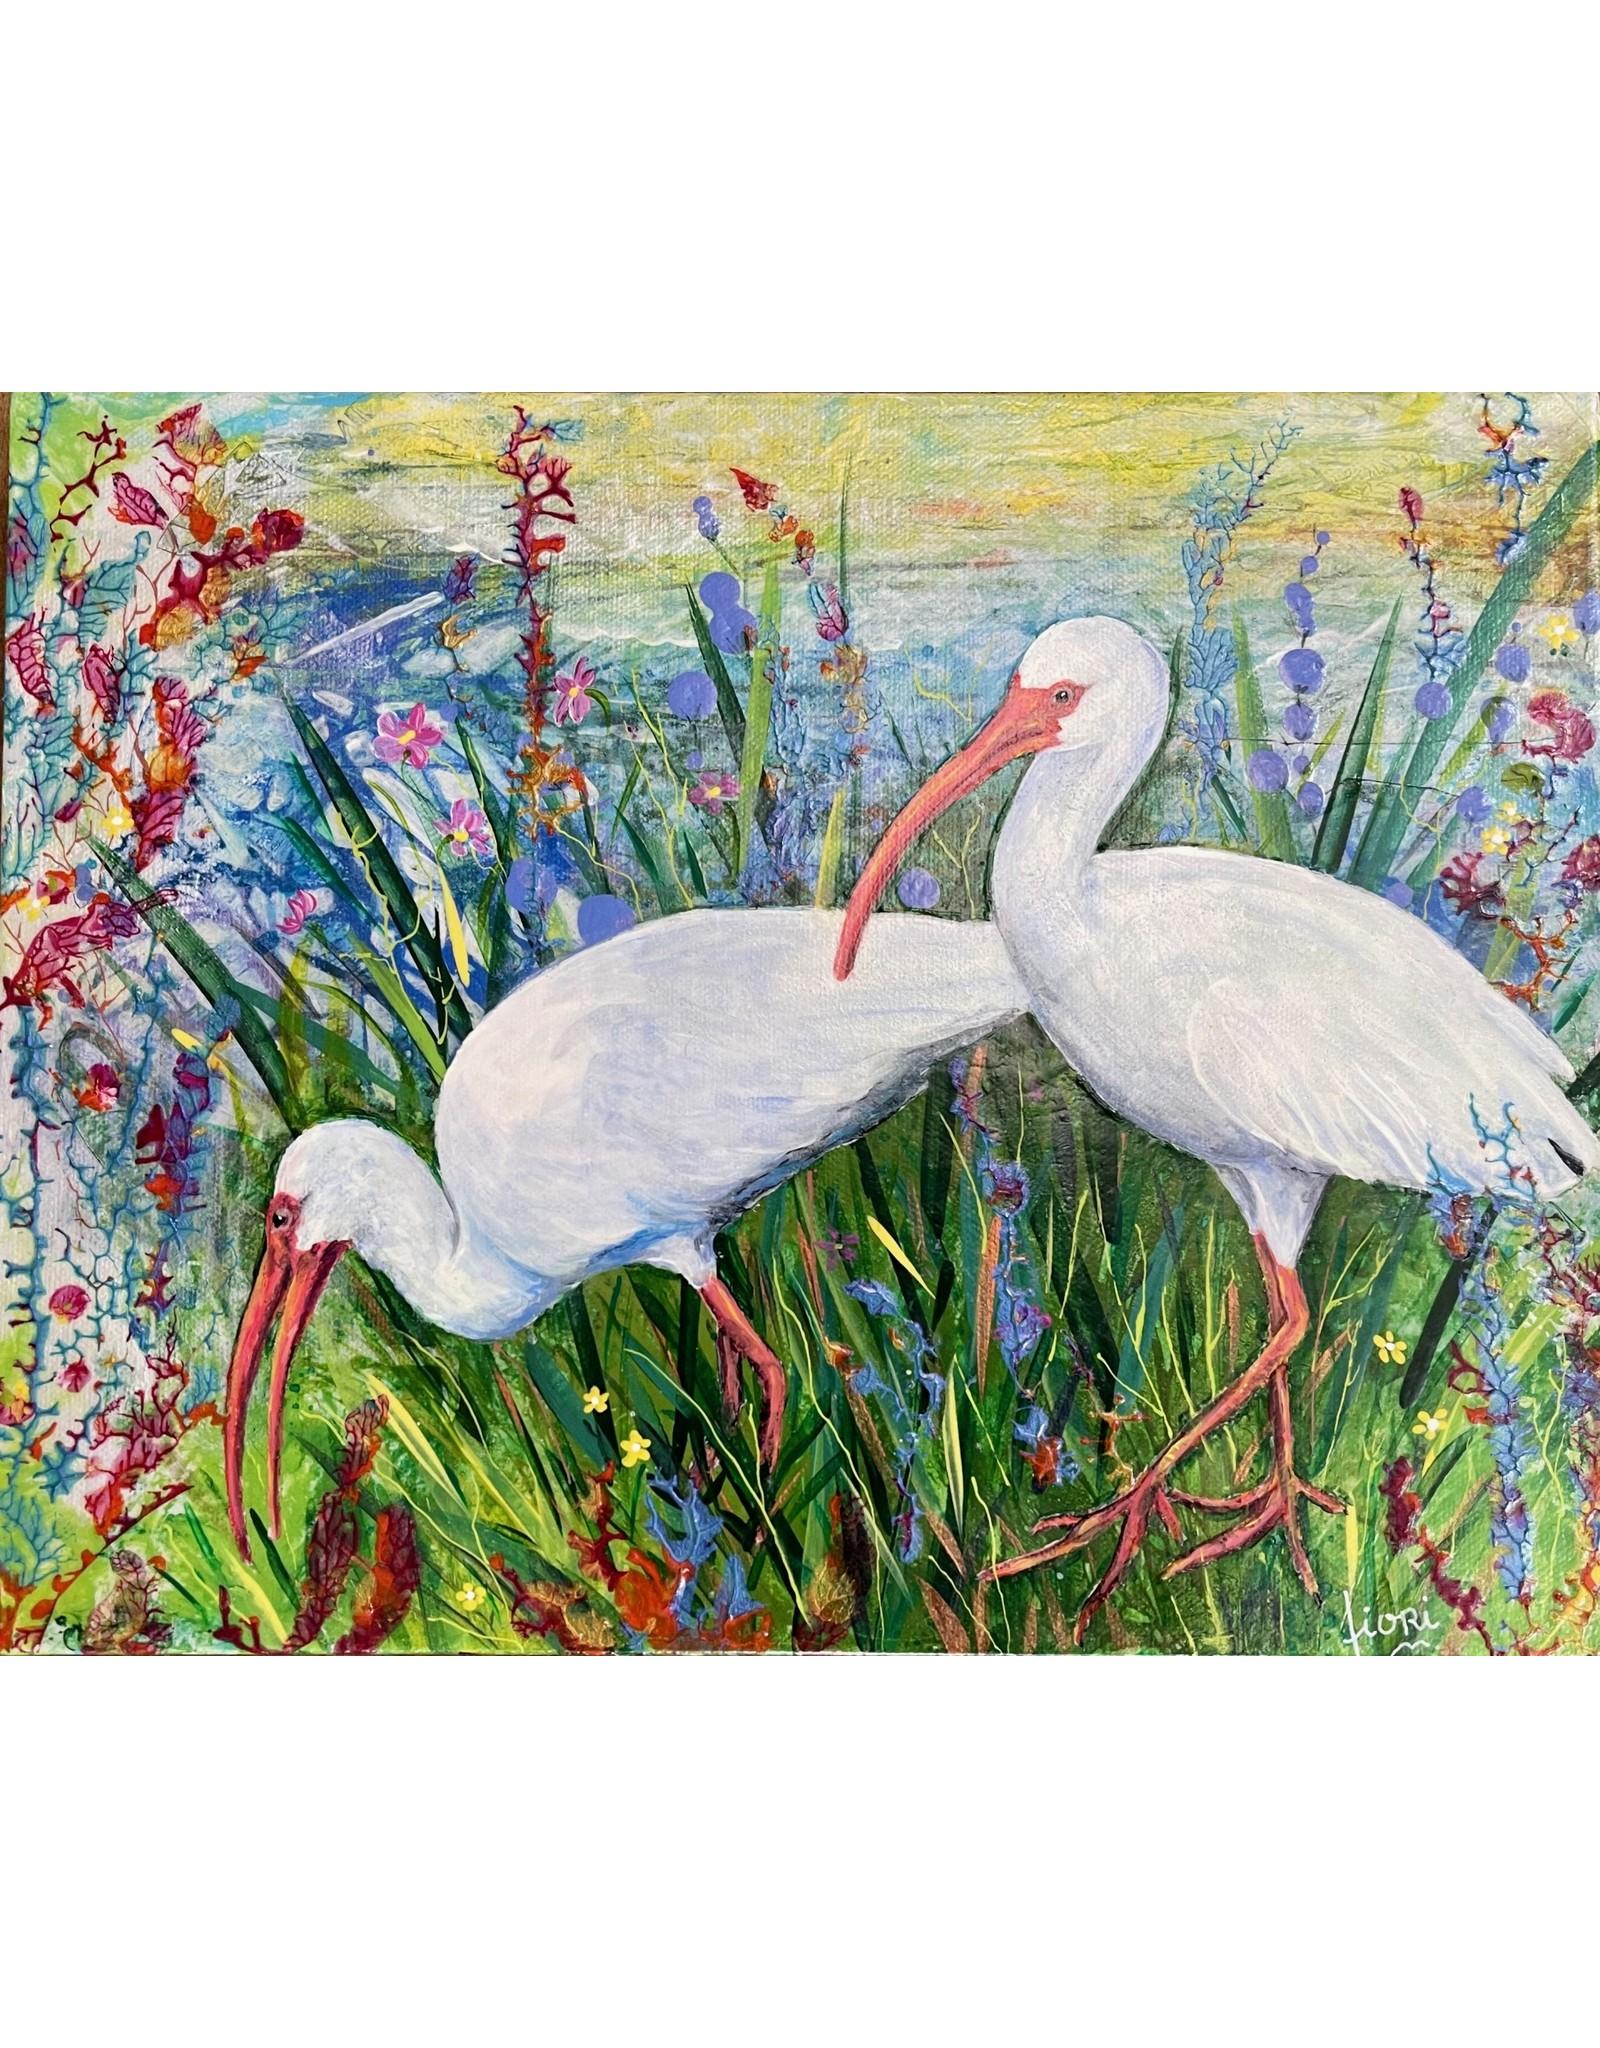 """Fiori Ferraris """"Pristine Feathers"""" acrylic on canvas, 14x11"""" FIORI"""